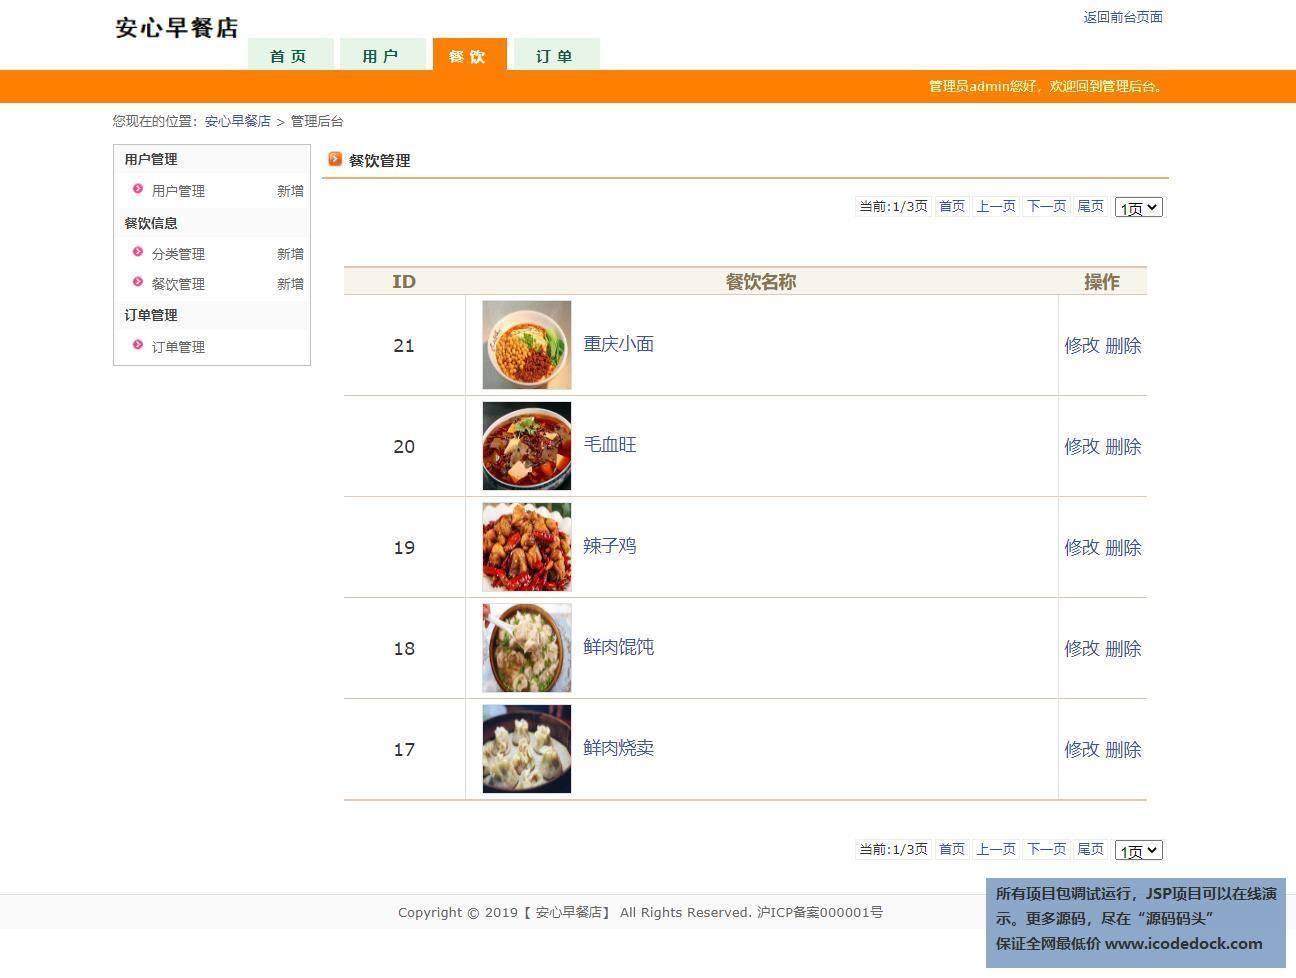 源码码头-JSP网上早餐外卖店管理系统-管理员角色-菜品管理